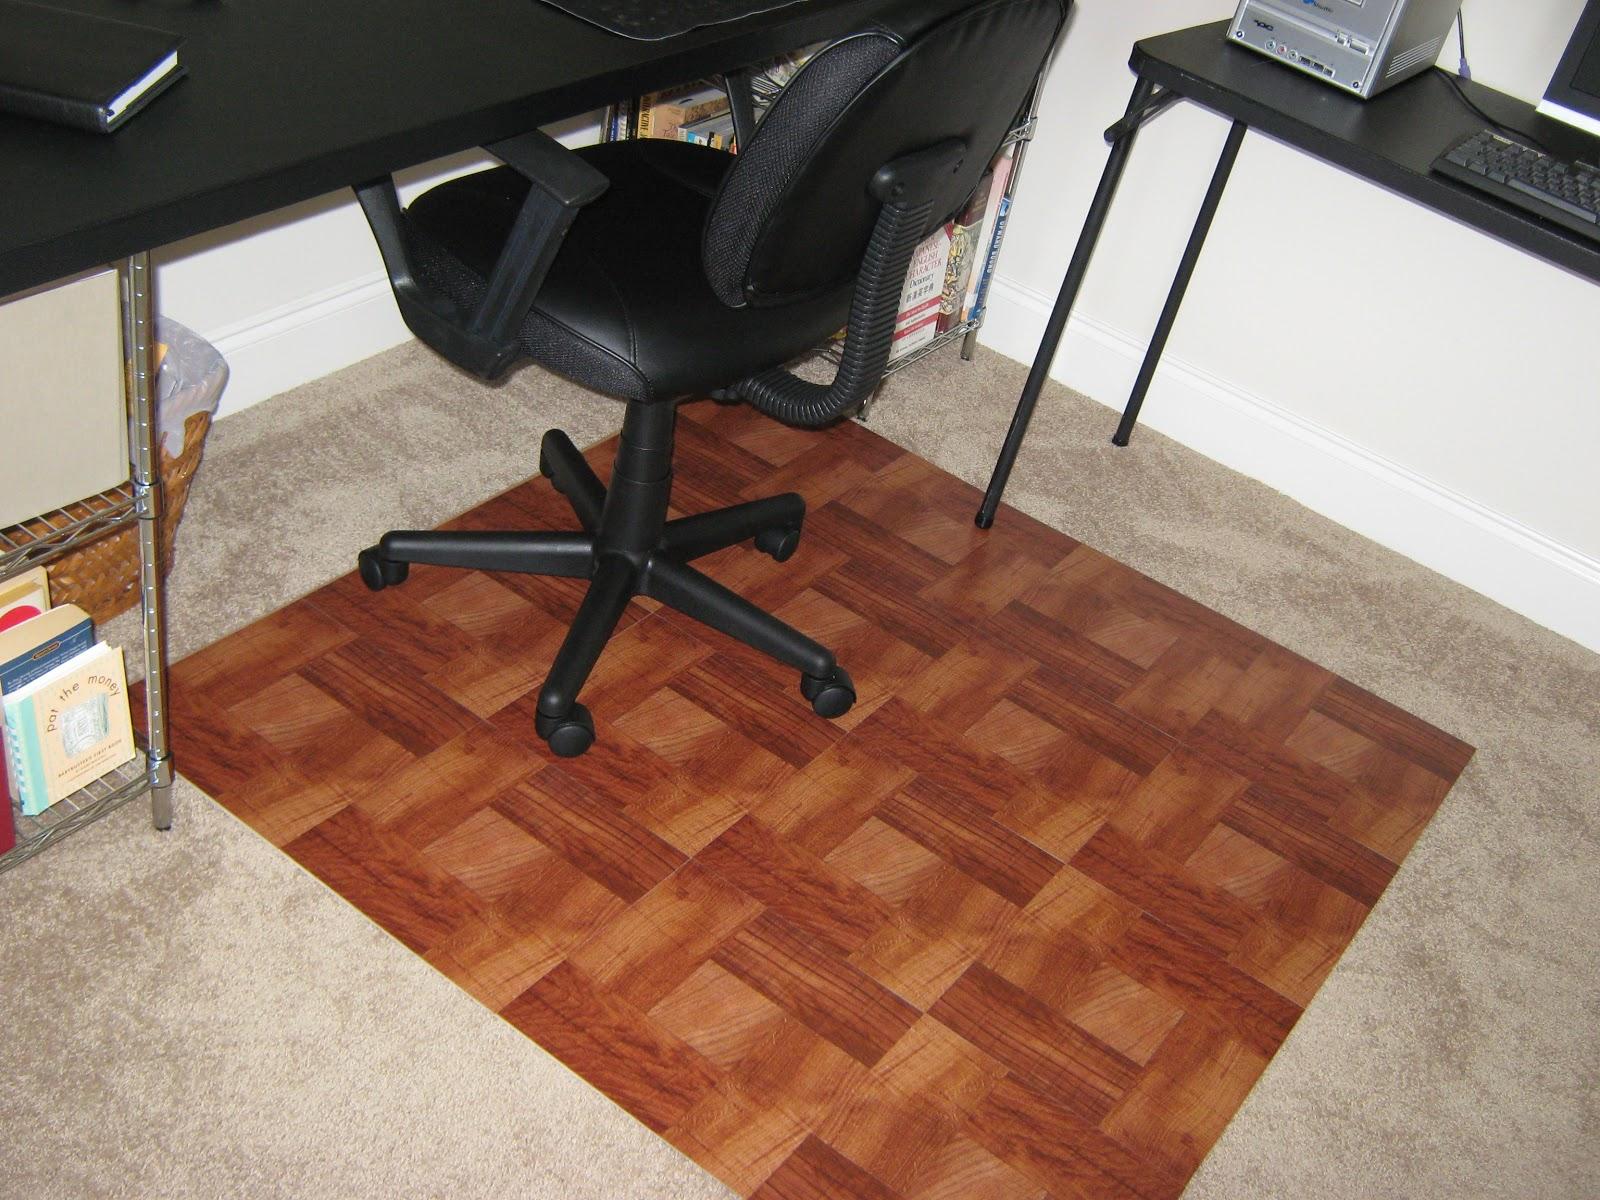 ... Desk Chair Floor Protector